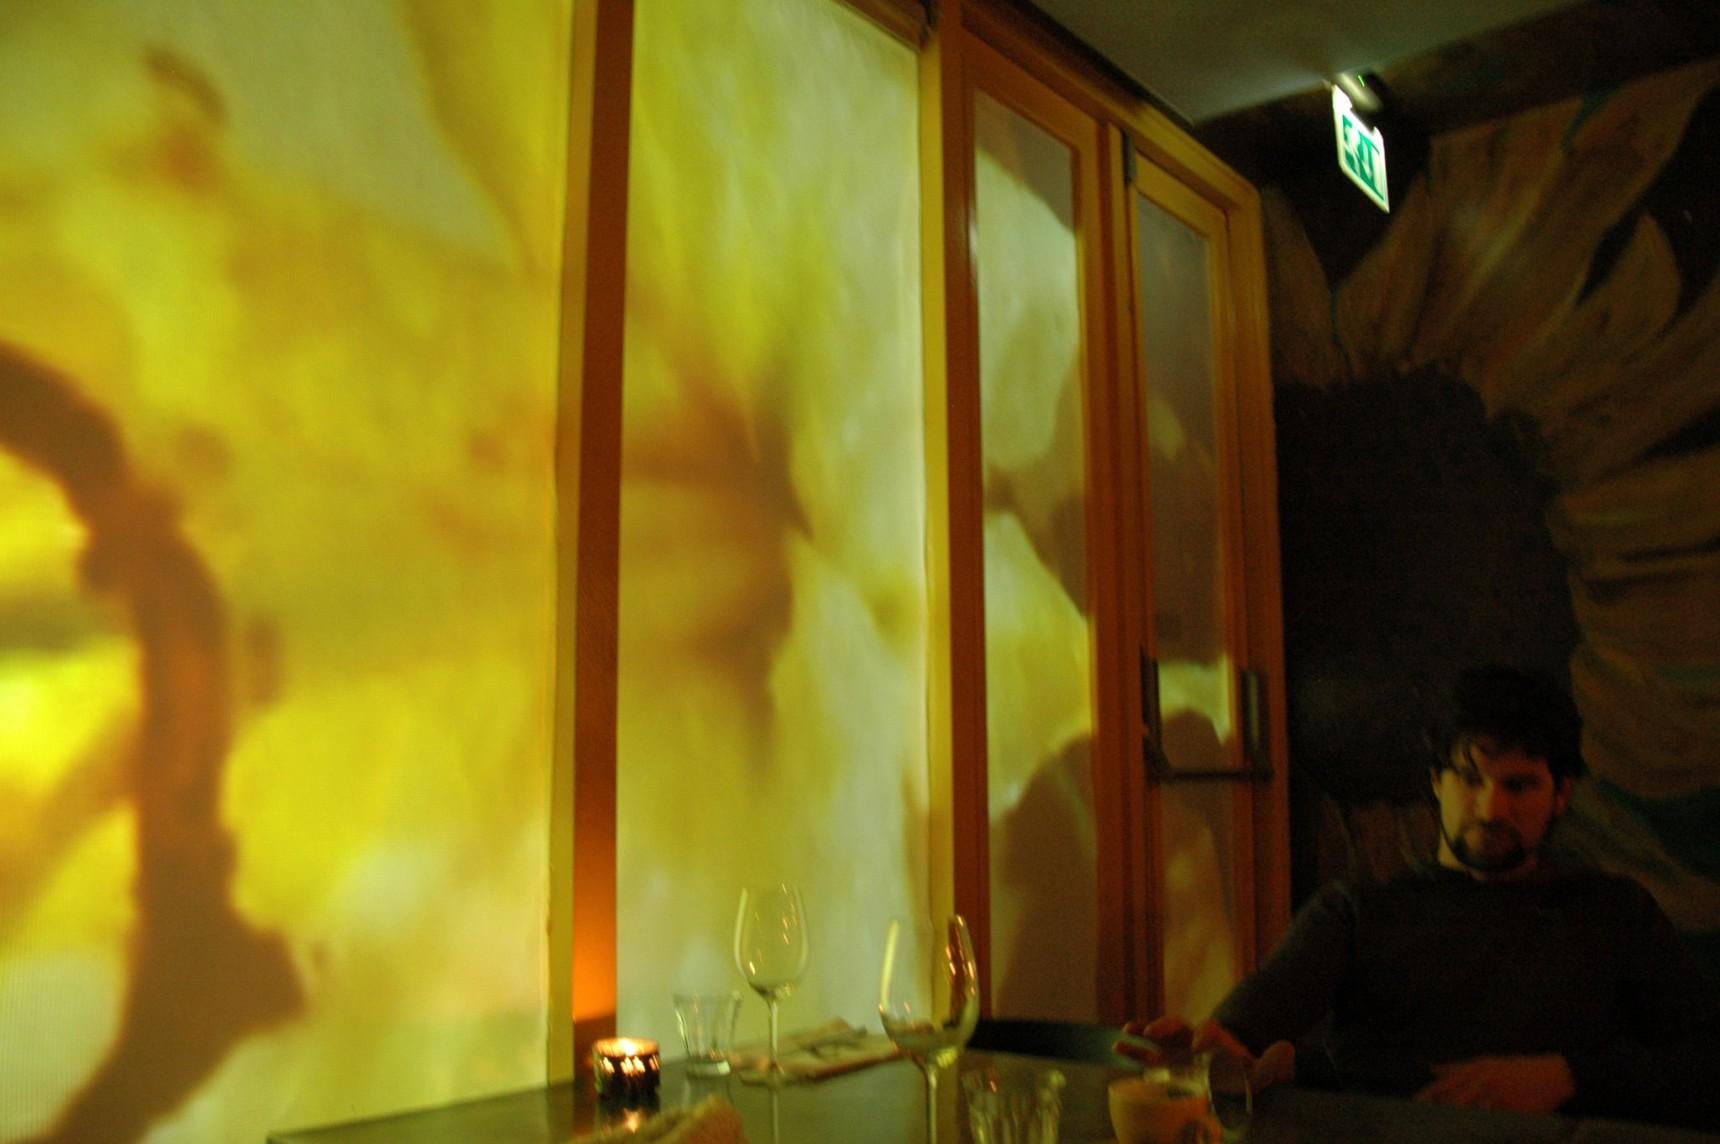 Video Lelie bij restaurant Buiten Eten+Drinken in